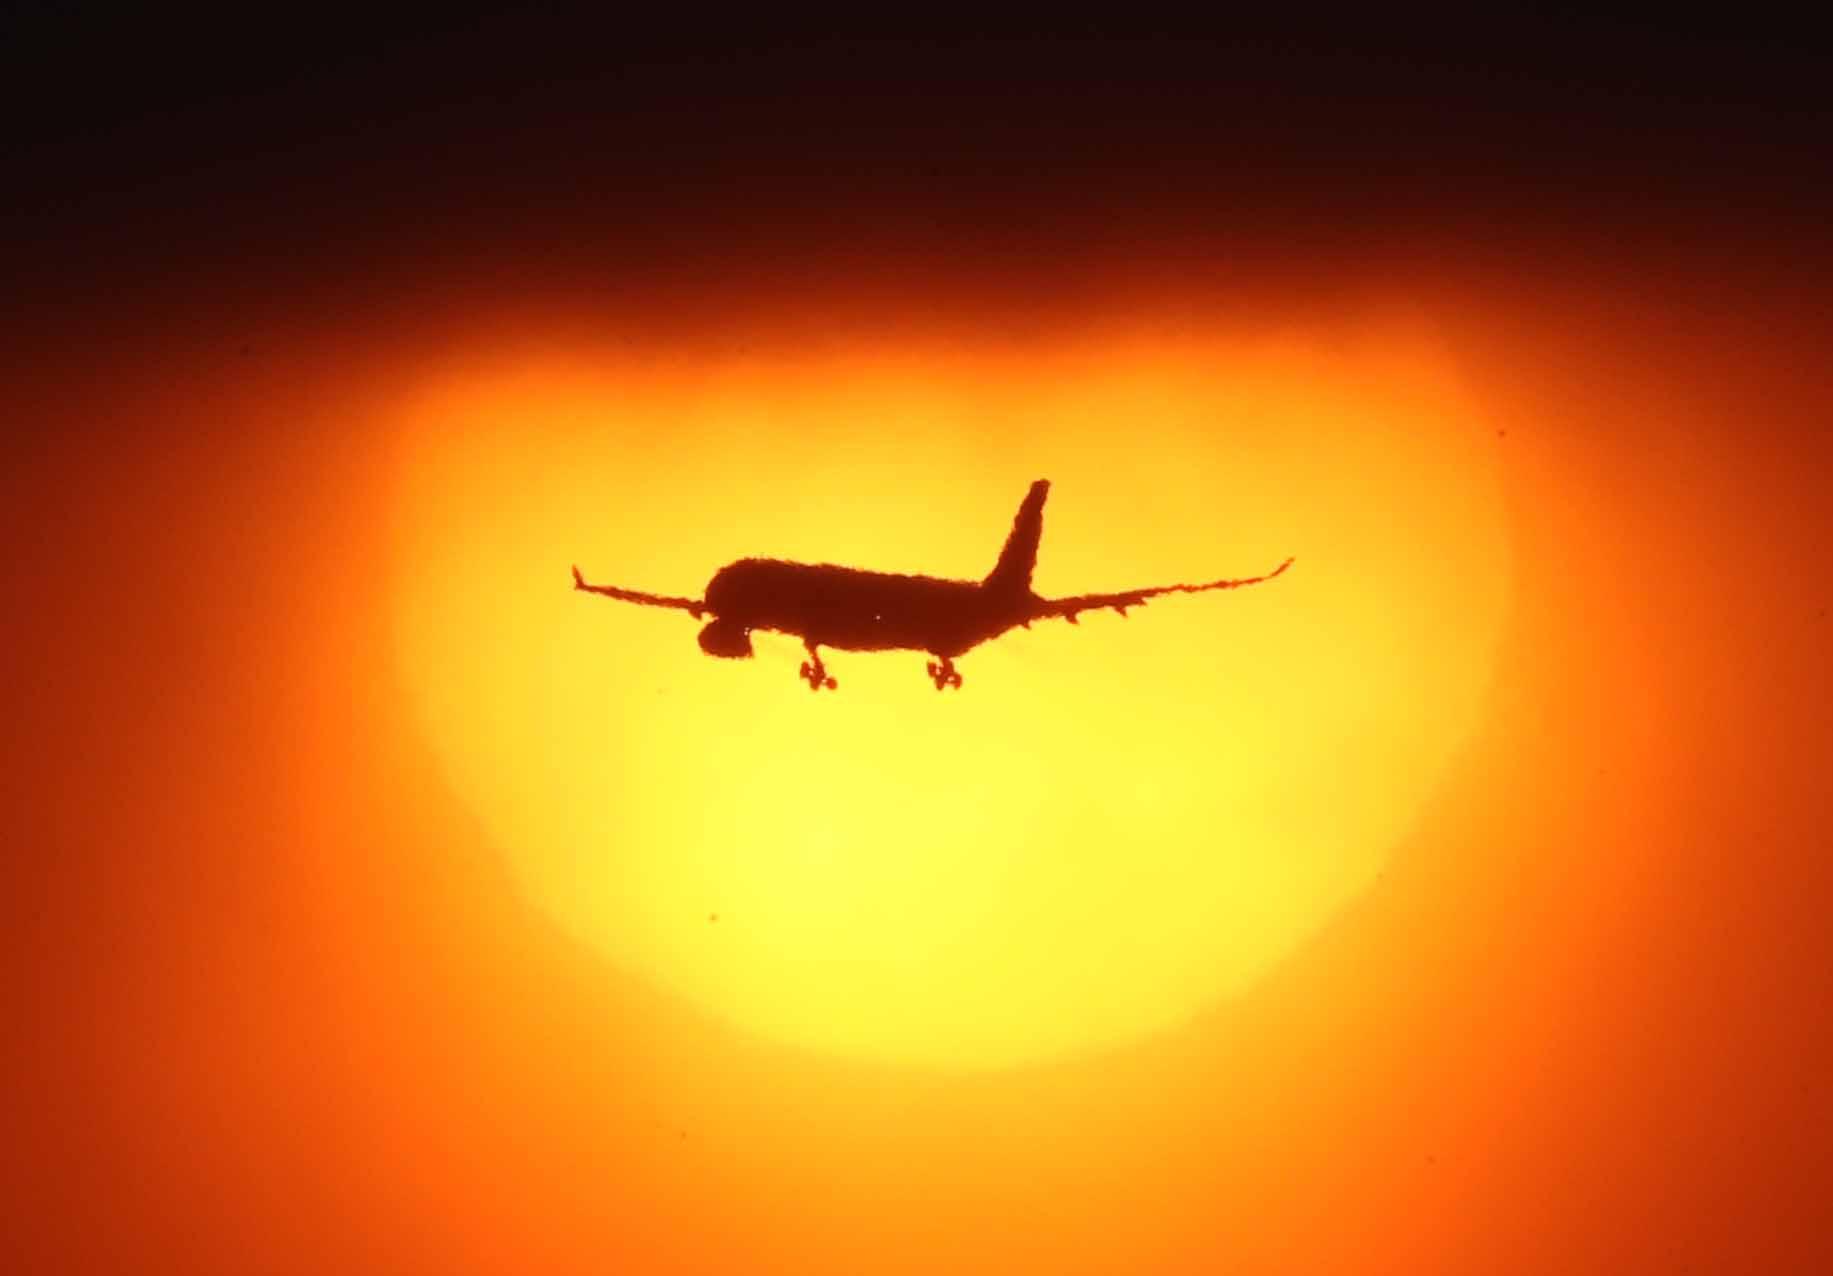 비행기가 날아다니는 하늘길을 항로라고 부르다. [중앙일보]